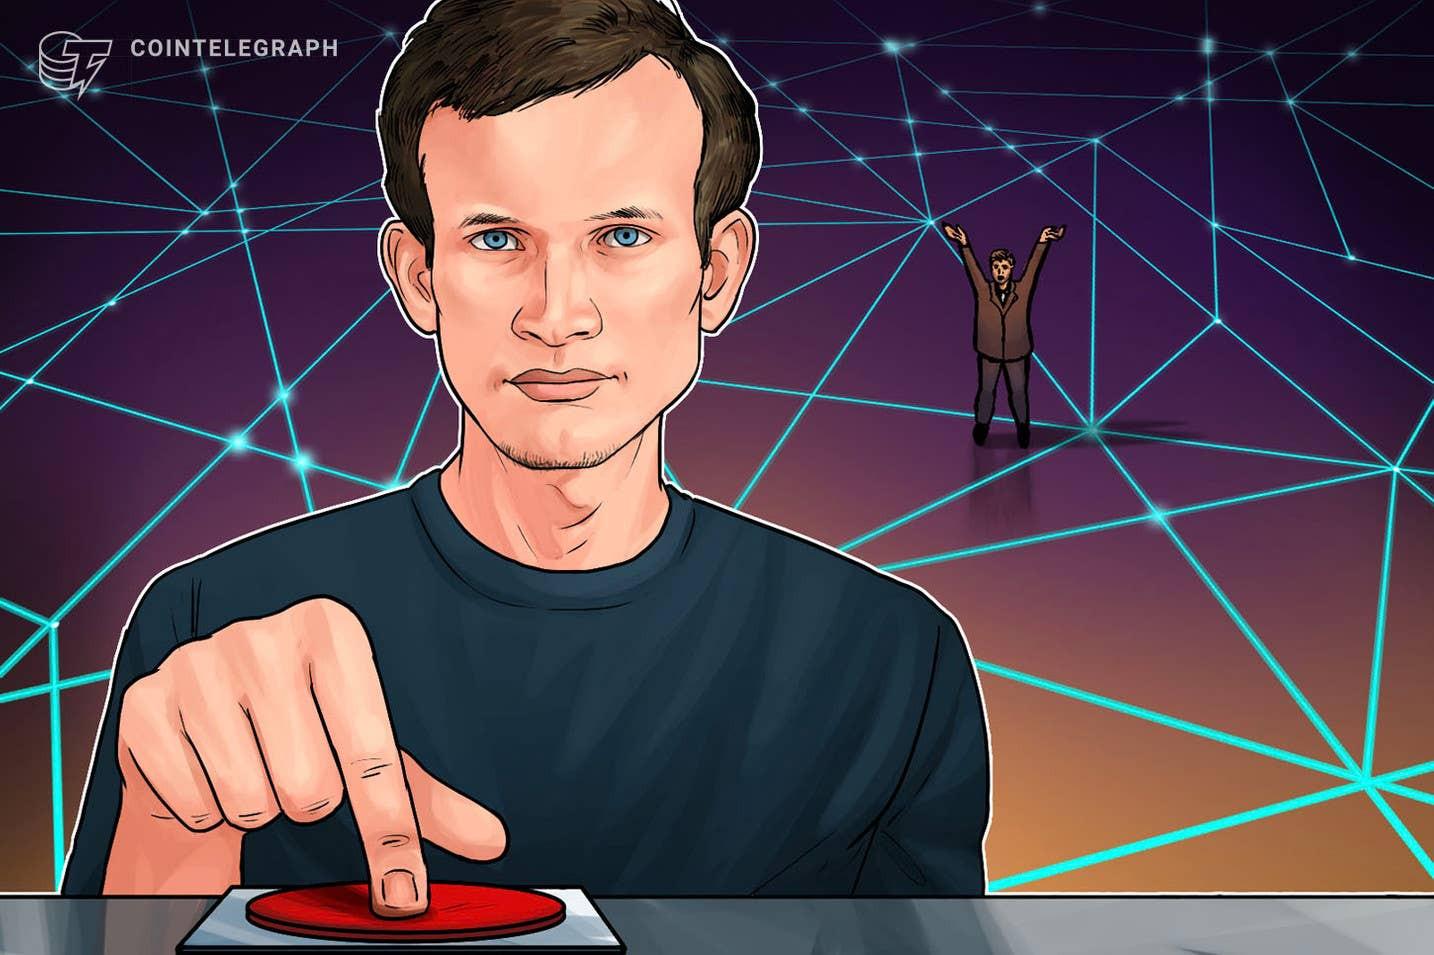 Criador do Ethereum diz que política de adoção do Bitcoin de El Salvador é contrária aos 'ideais de liberdade das criptomoedas'